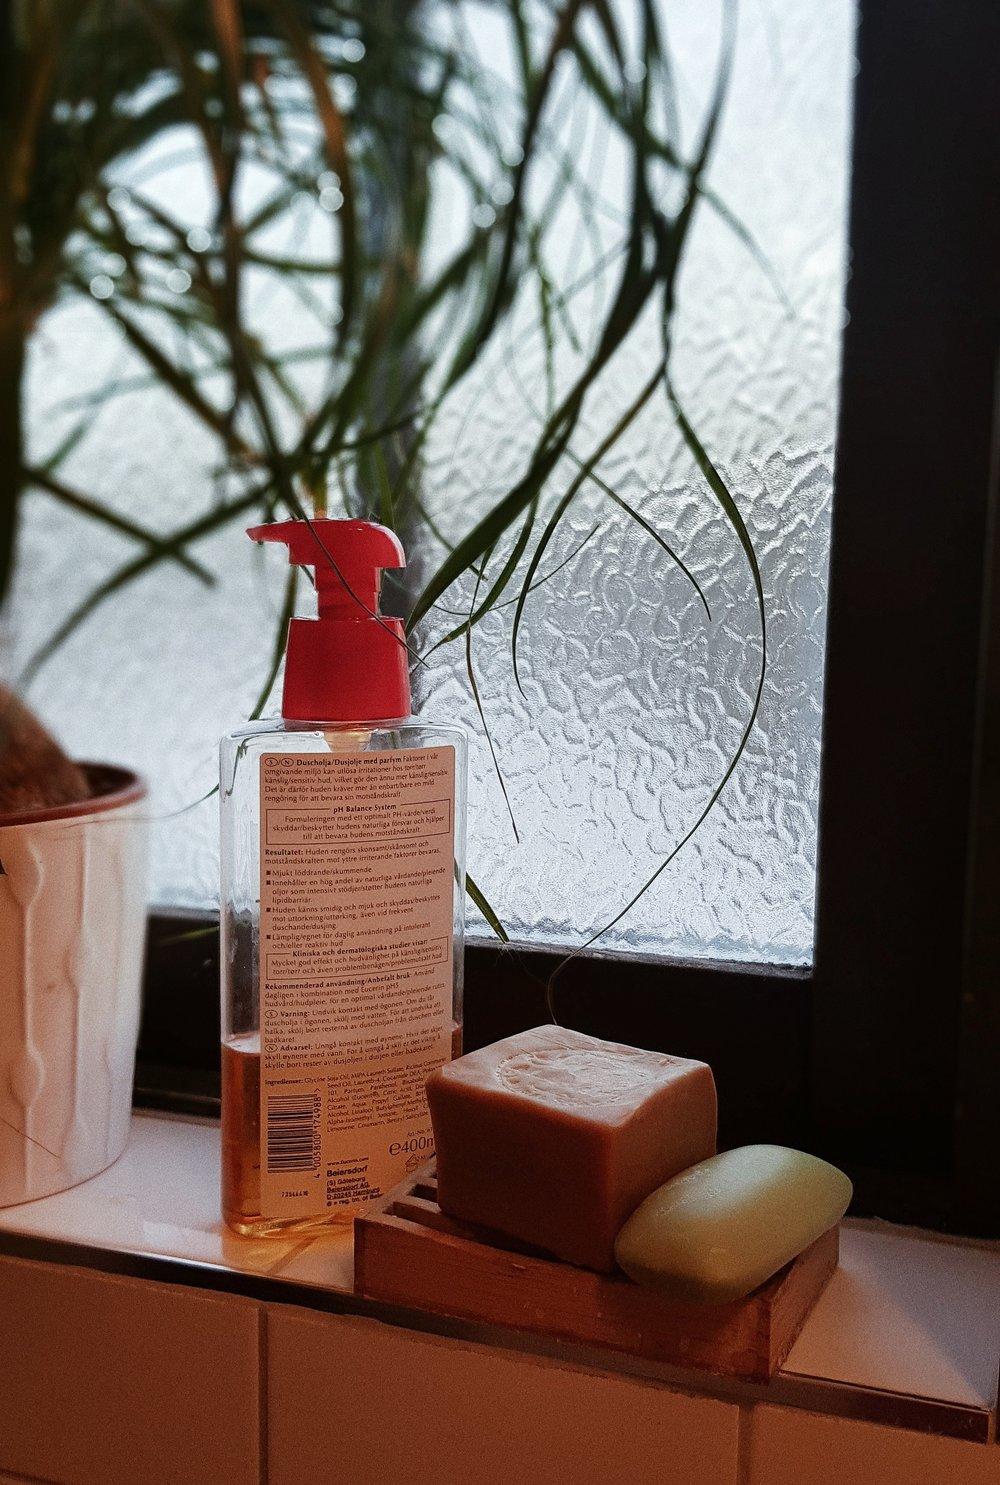 Ren kropp, ren planet - Minska plastomsättningen med fast tvål istället för flytande pumptvål.